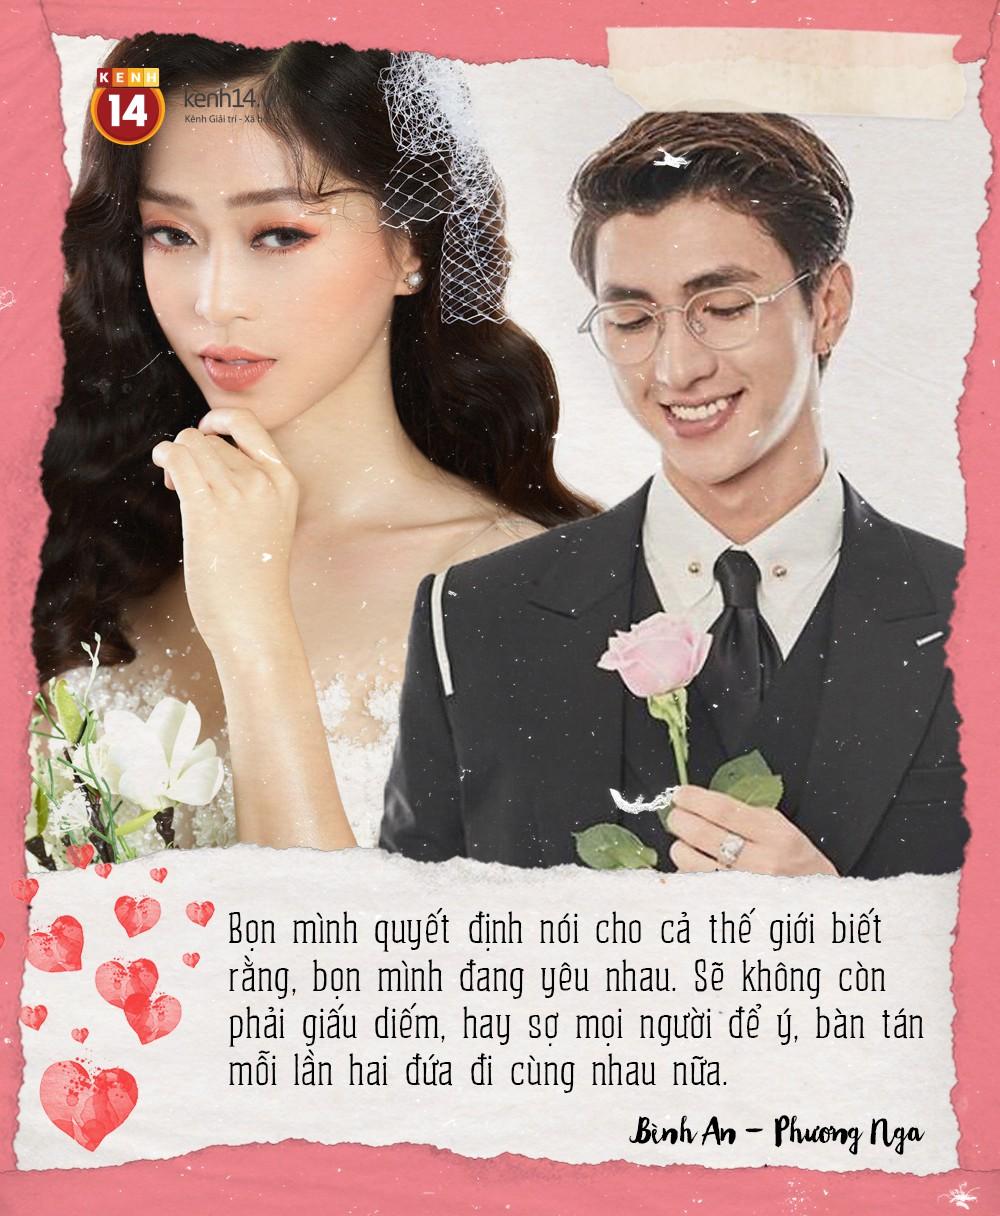 Phỏng vấn cặp đôi mới Vbiz Bình An - Phương Nga: Sự thật về tin đồn đám cưới vào tháng 9/2019 - Ảnh 3.